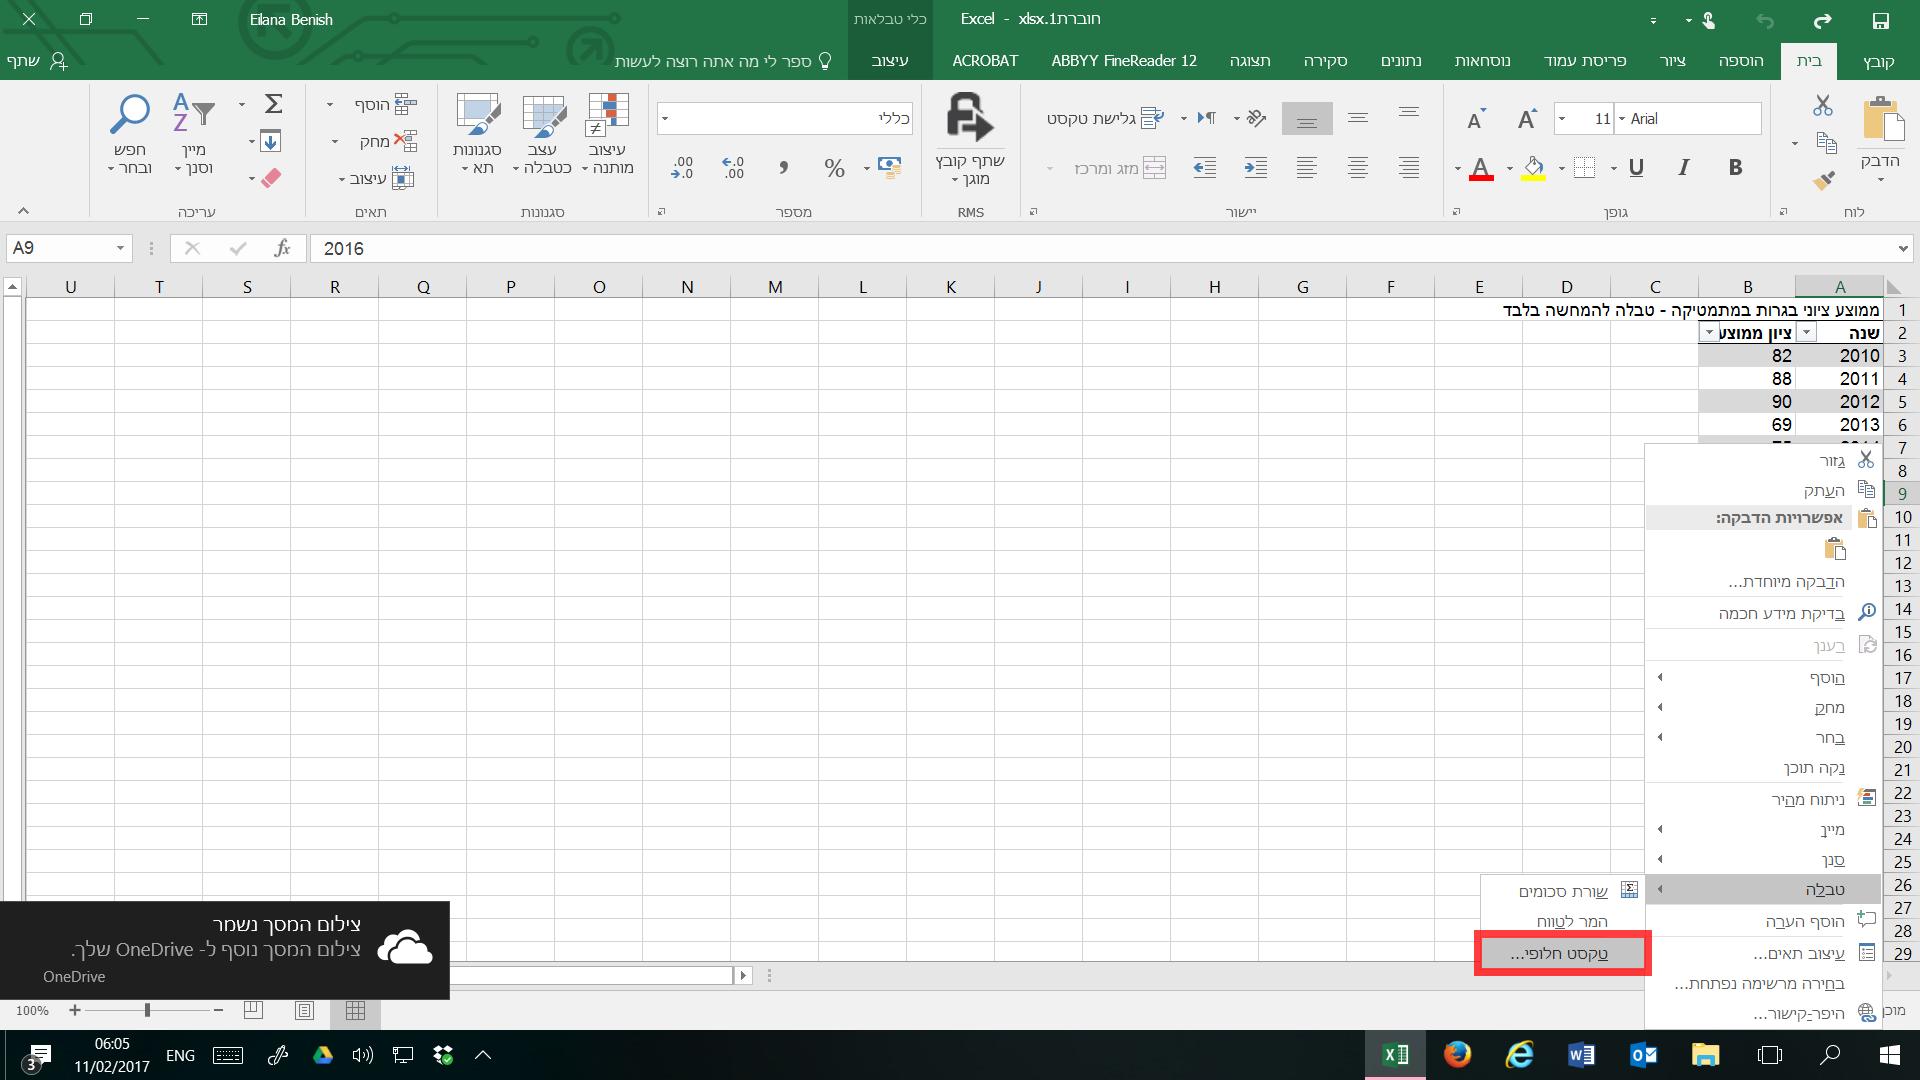 אקסל הוספת טקסט חלופי לטבלה